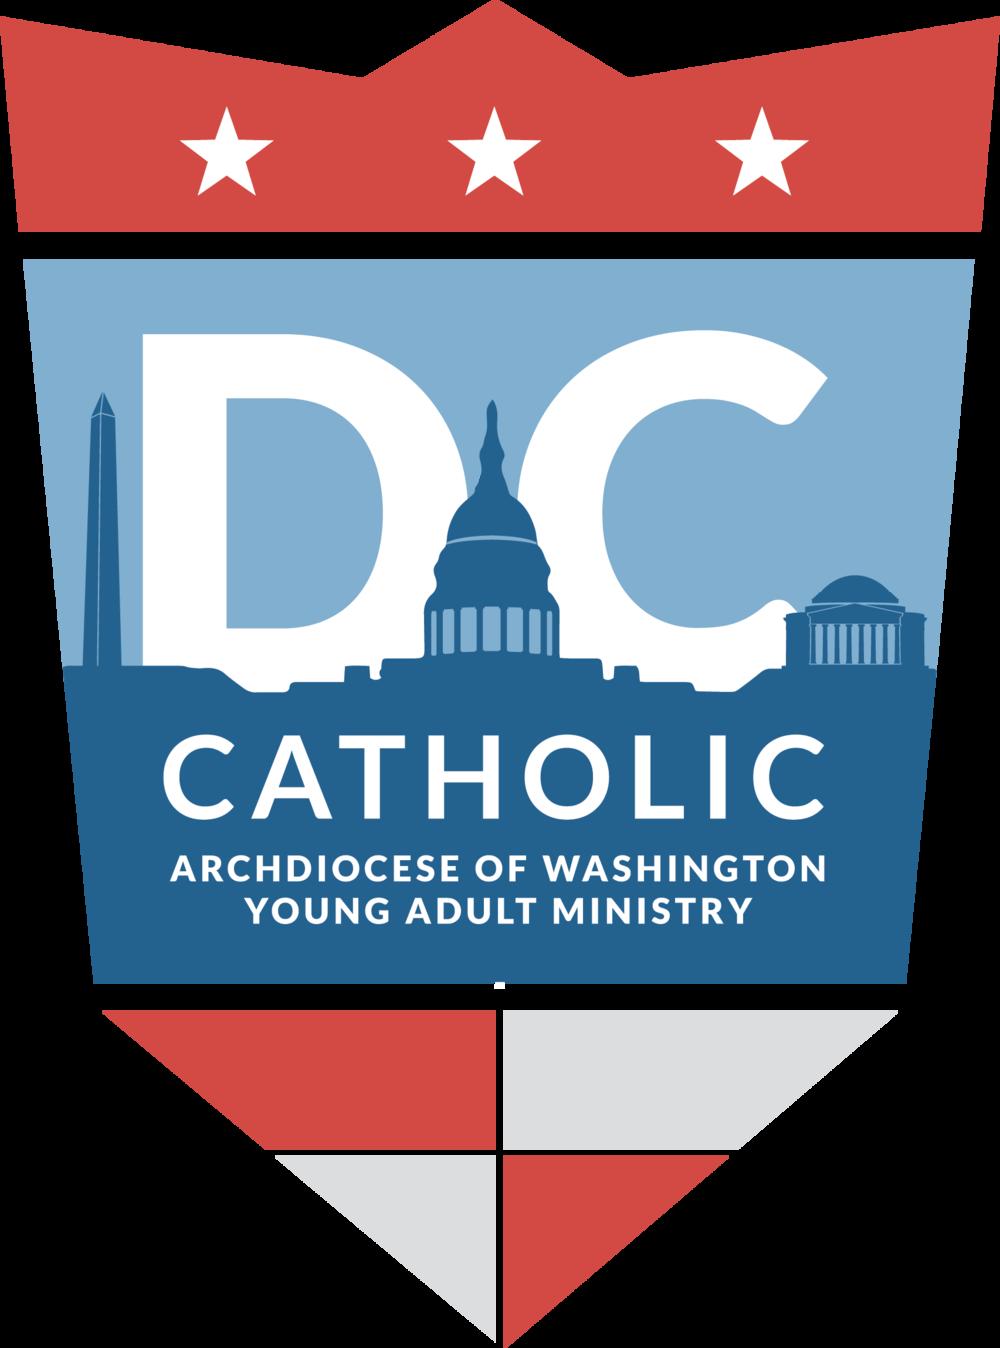 DC Catholic